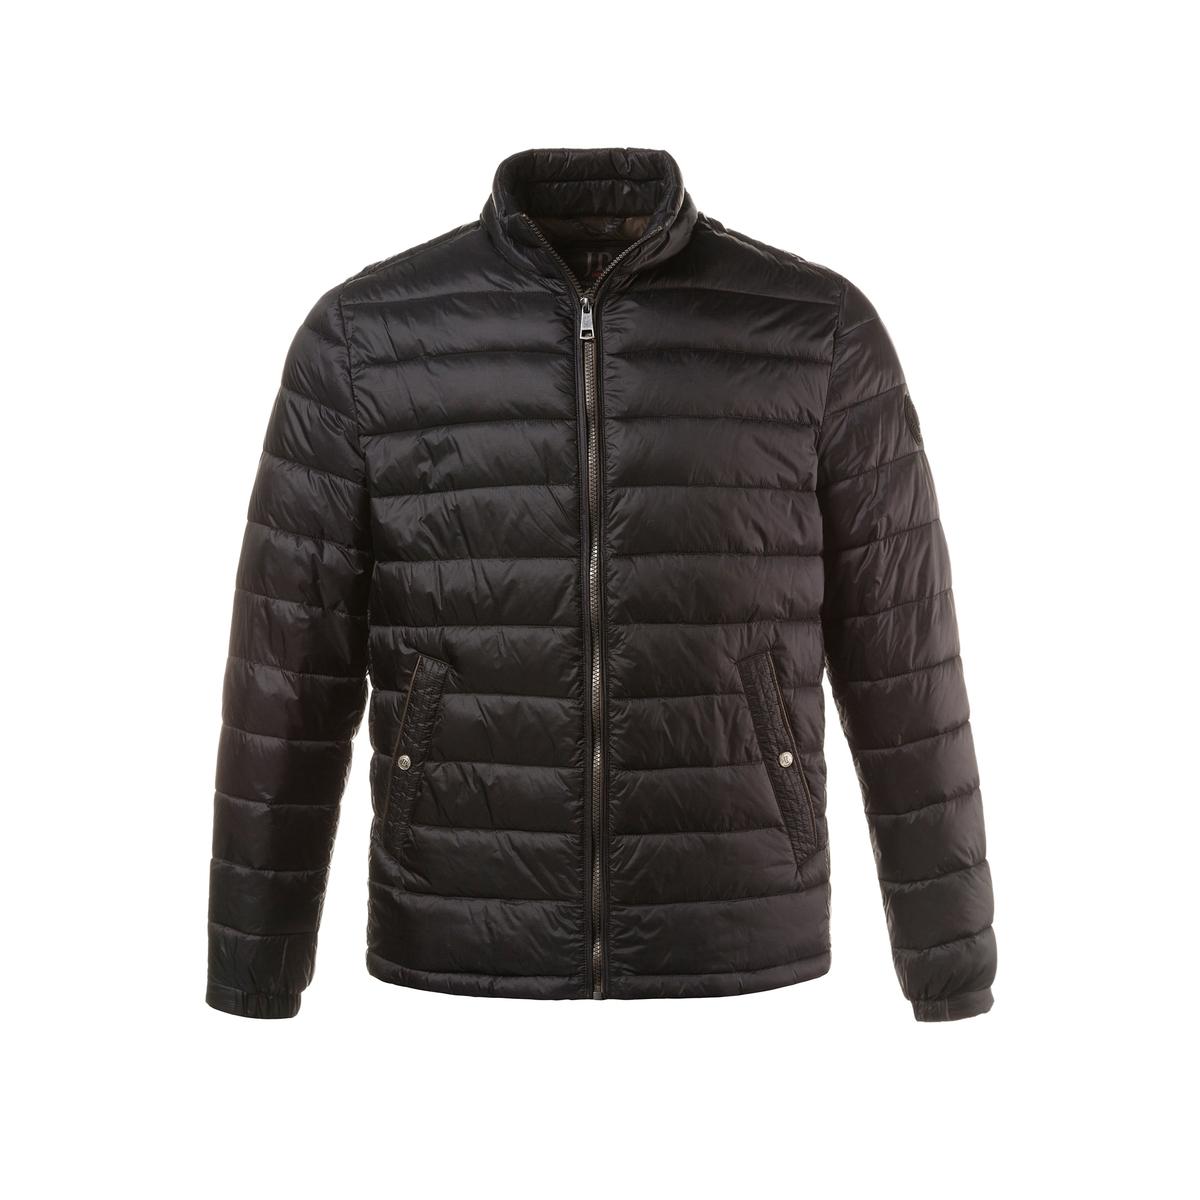 Куртка стеганаяКуртка стеганая JP1880 . 100% полиамида.. Подкладка: 100% полиамида.. Очень легкая и теплая куртка . Настоящее ощущение пуха ! Прямой воротник, на молнии, 2 кармана . Подкладка с карманами. Длина в зависимости от размера 70 - 79 см .<br><br>Цвет: черный<br>Размер: 7XL.6XL.3XL.XXL.XL